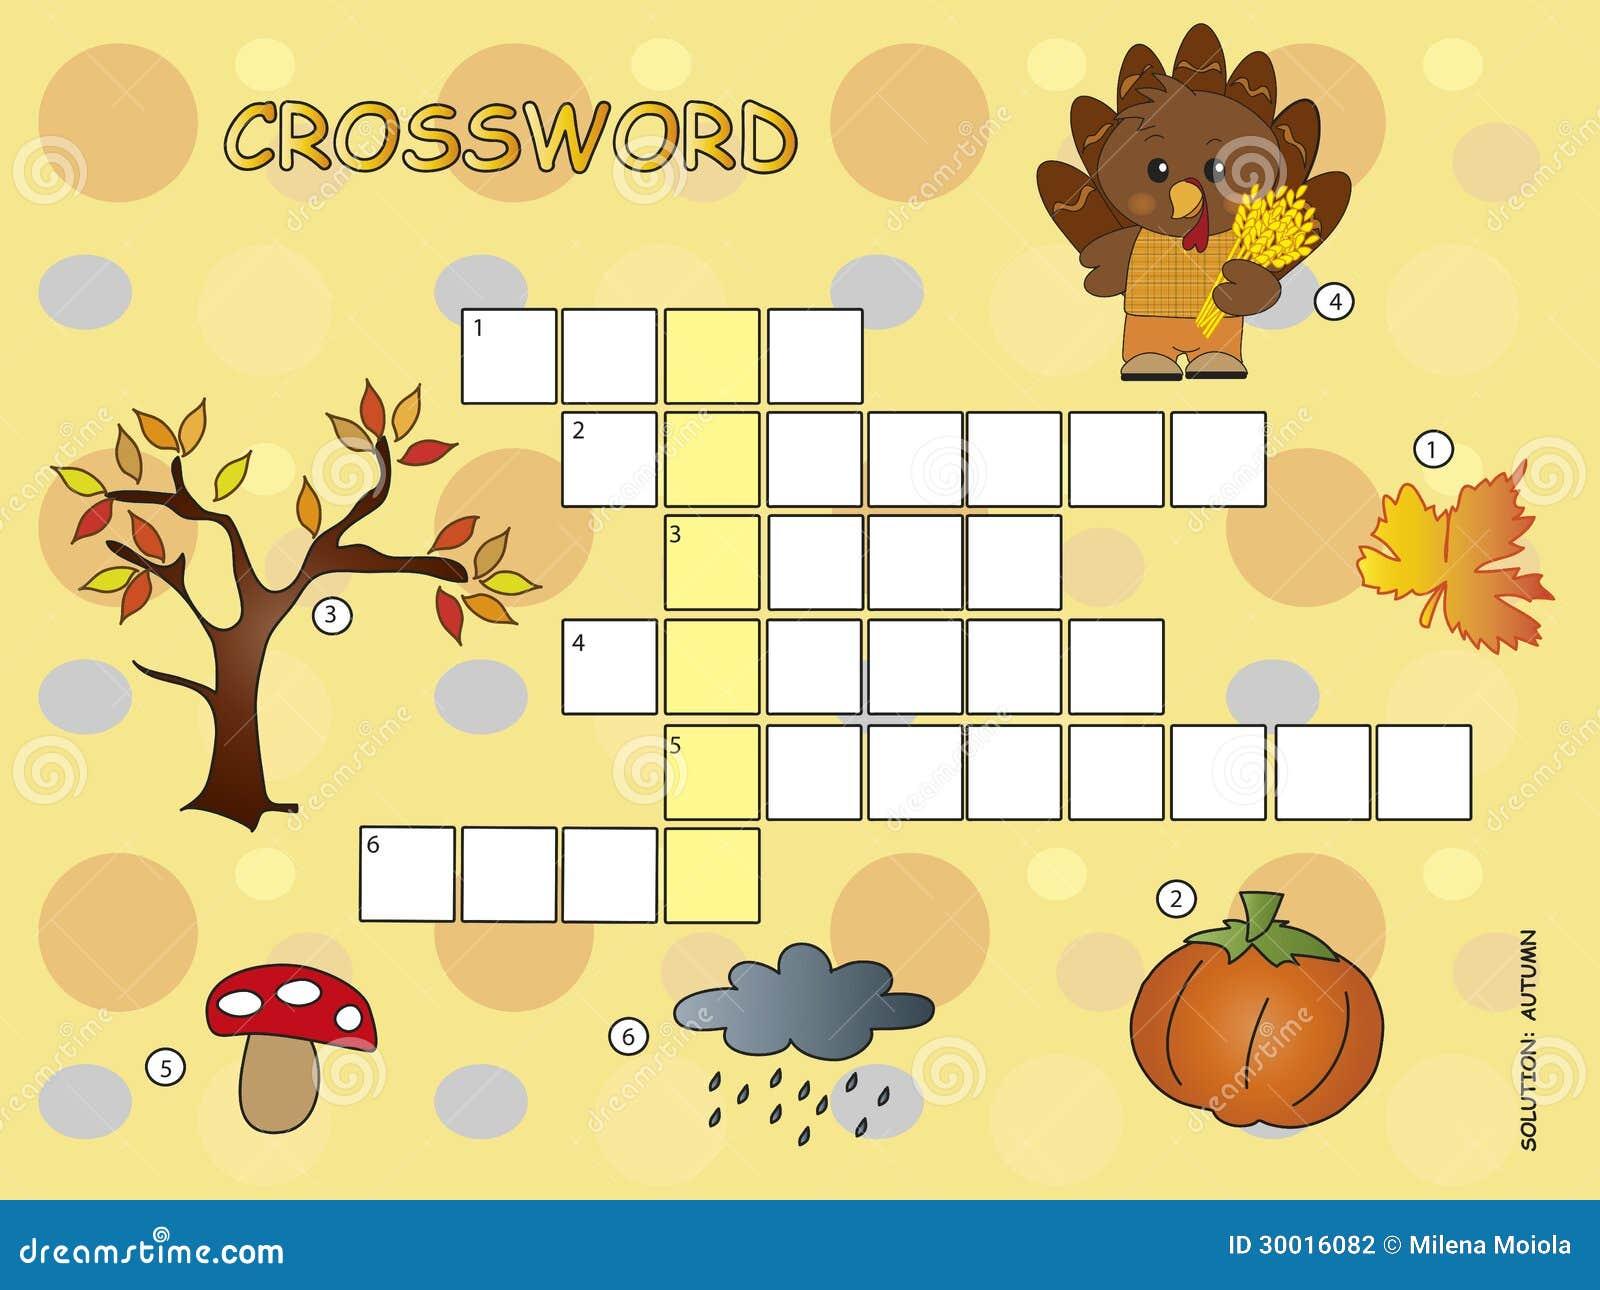 Kreuzworträtselspiel für kinder für herbst